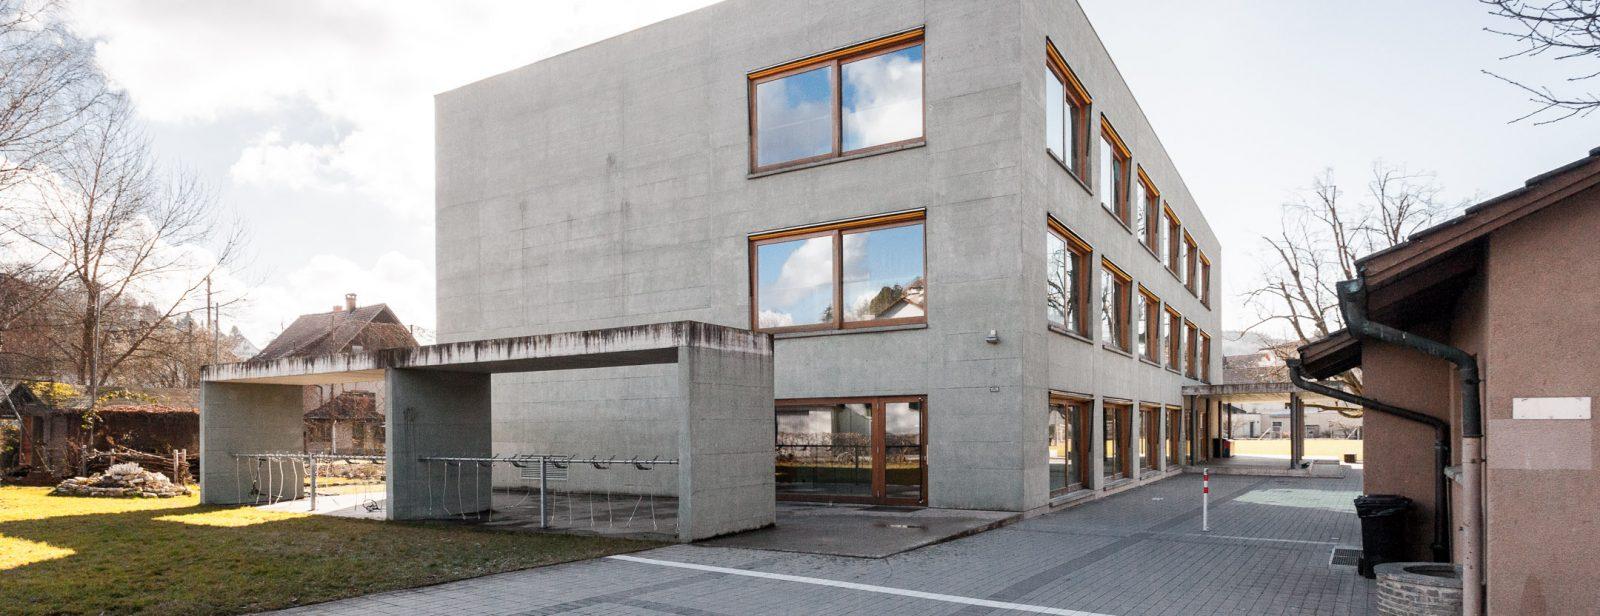 Primarschule Birmensdorf